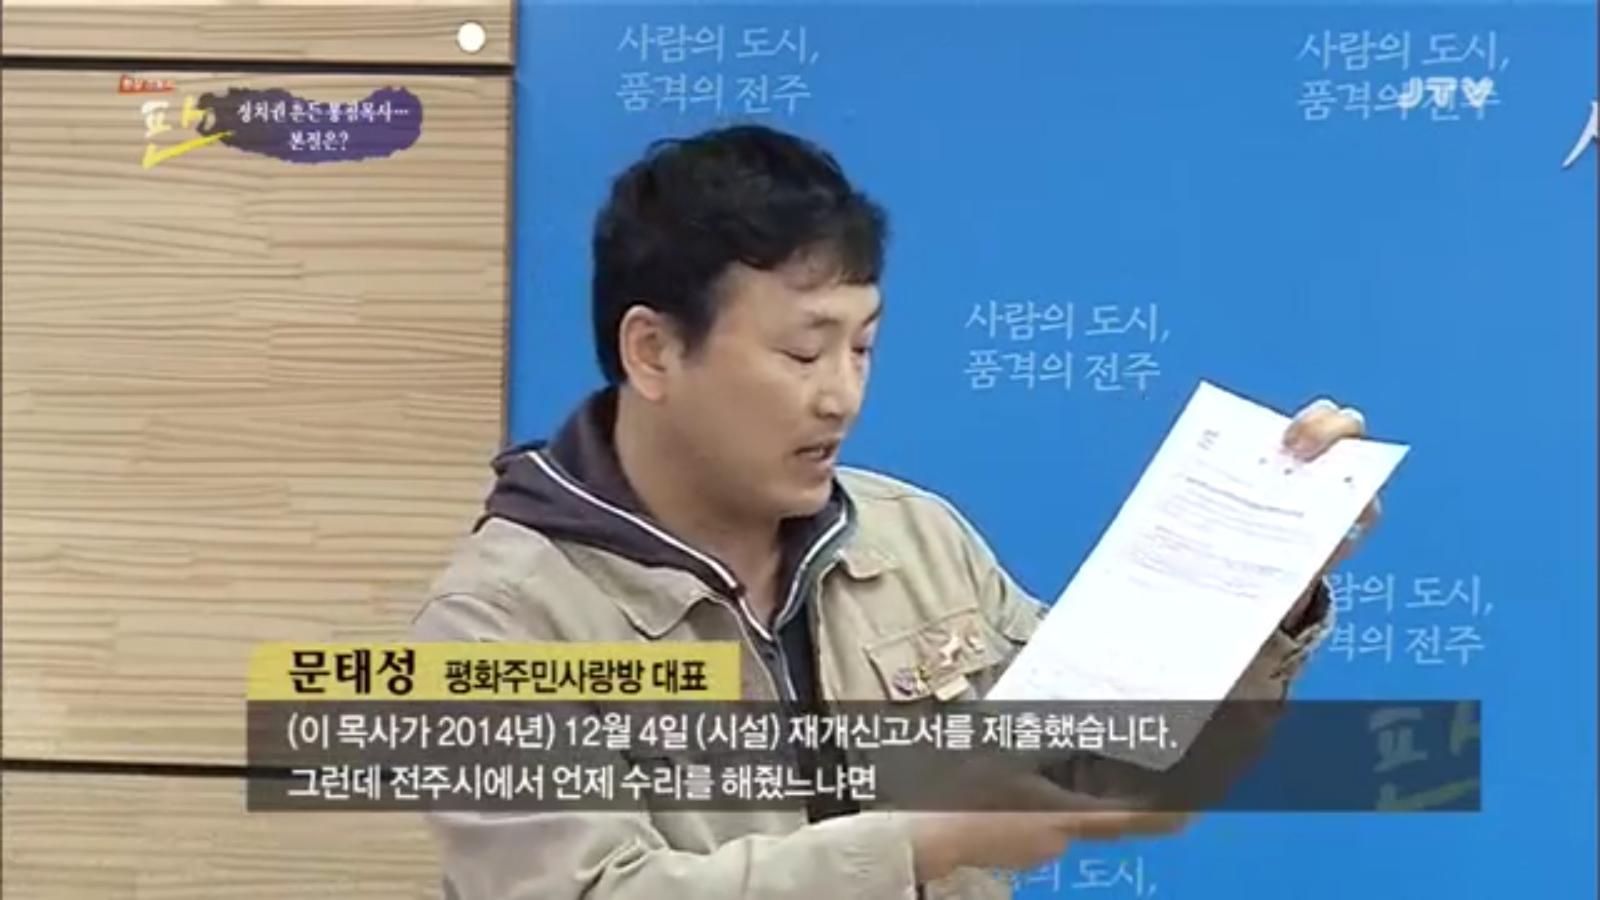 [18.4.13 JTV] 전주 봉침게이트, 정치권 흔든 봉침목사...본질은37.jpg